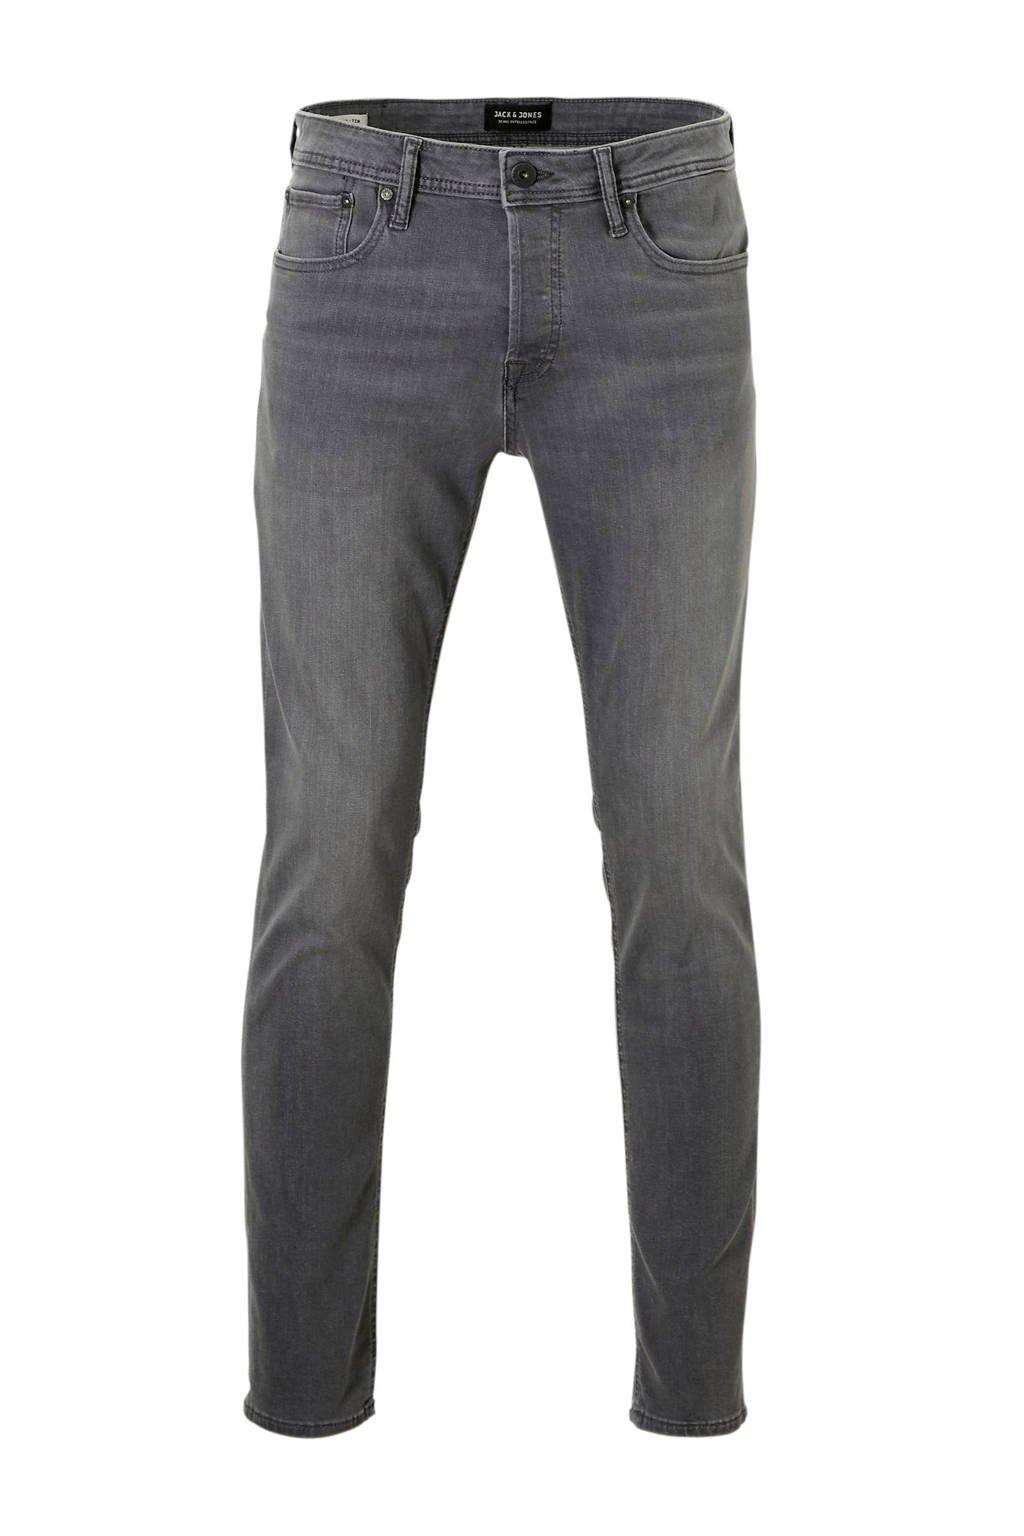 Jack & Jones Originals slim fit jeans grijs Tim, Grey denim